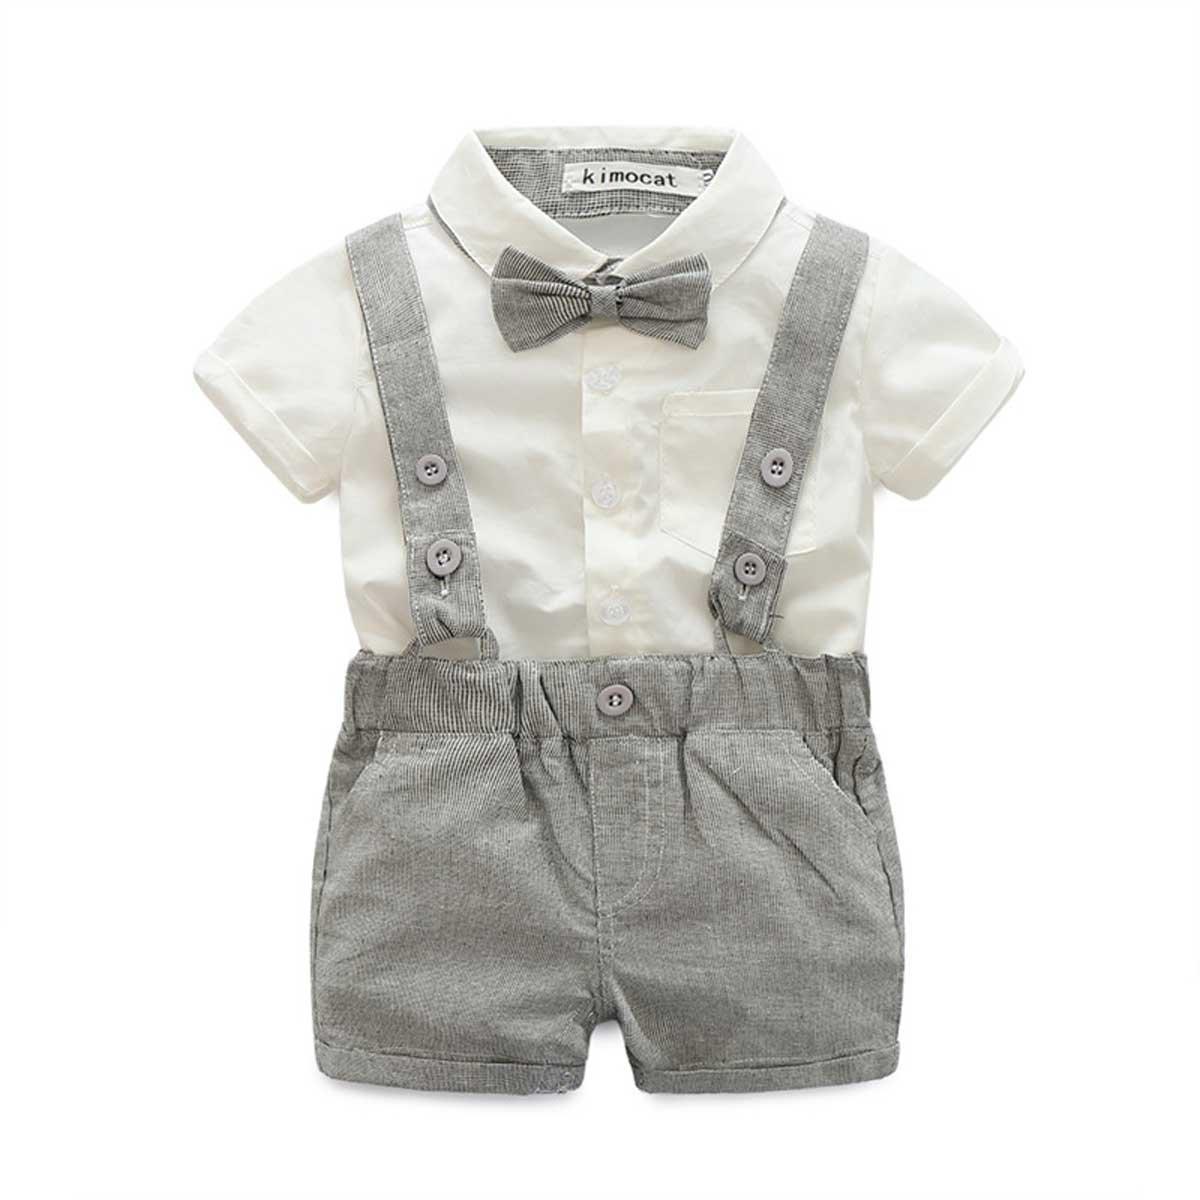 E.life Traje de bebé niño 2pcs caballero camiseta Top tirantes Strap Shorts Bowtie formal de niños traje de fiesta ropa conjuntos (Gris, 80:6-12m)